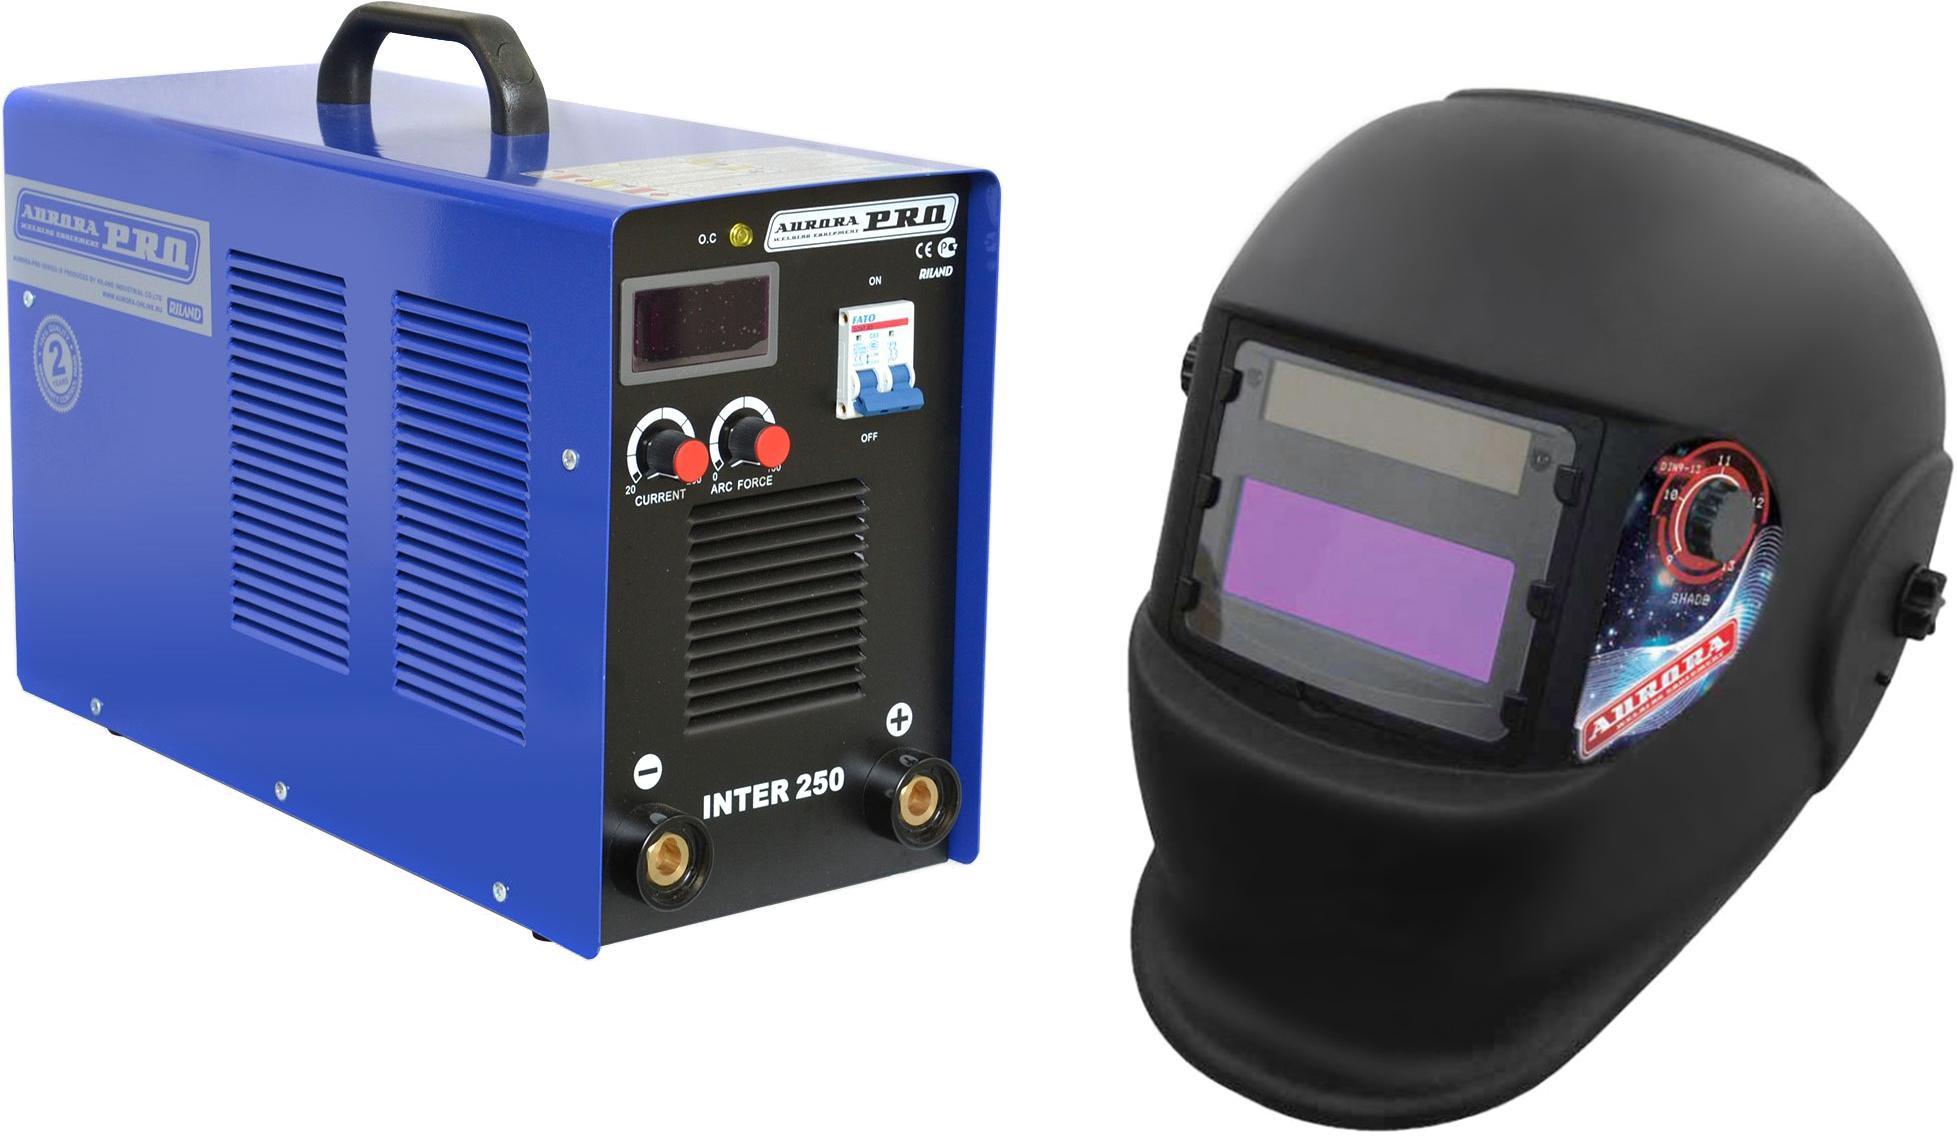 Купить Набор Aurora pro Сварочный аппарат inter 250 mosfet +Маска a998f(9-13din) black cosmo, Китай